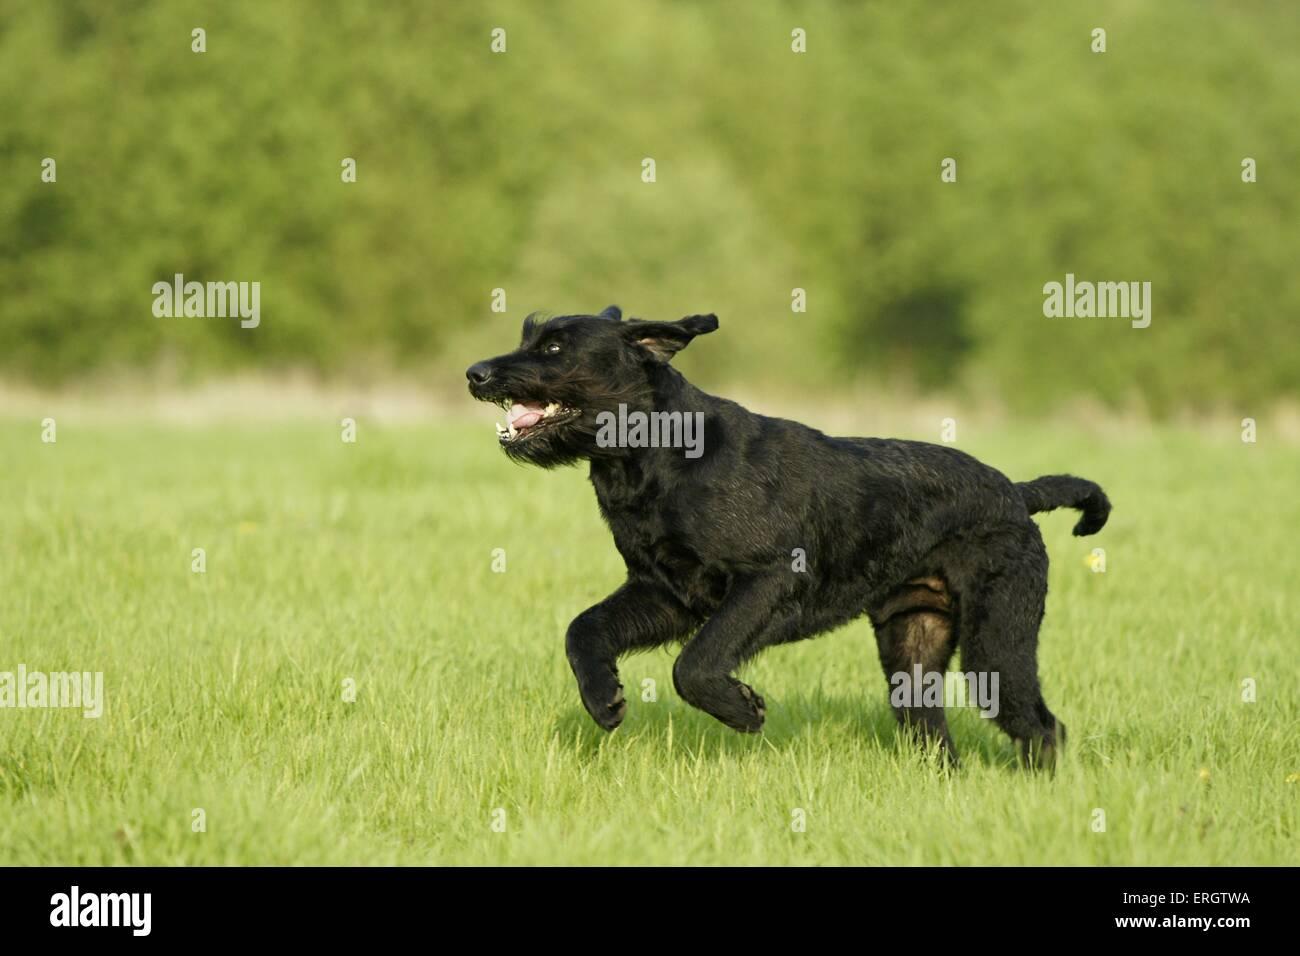 running Giant Schnauzer - Stock Image